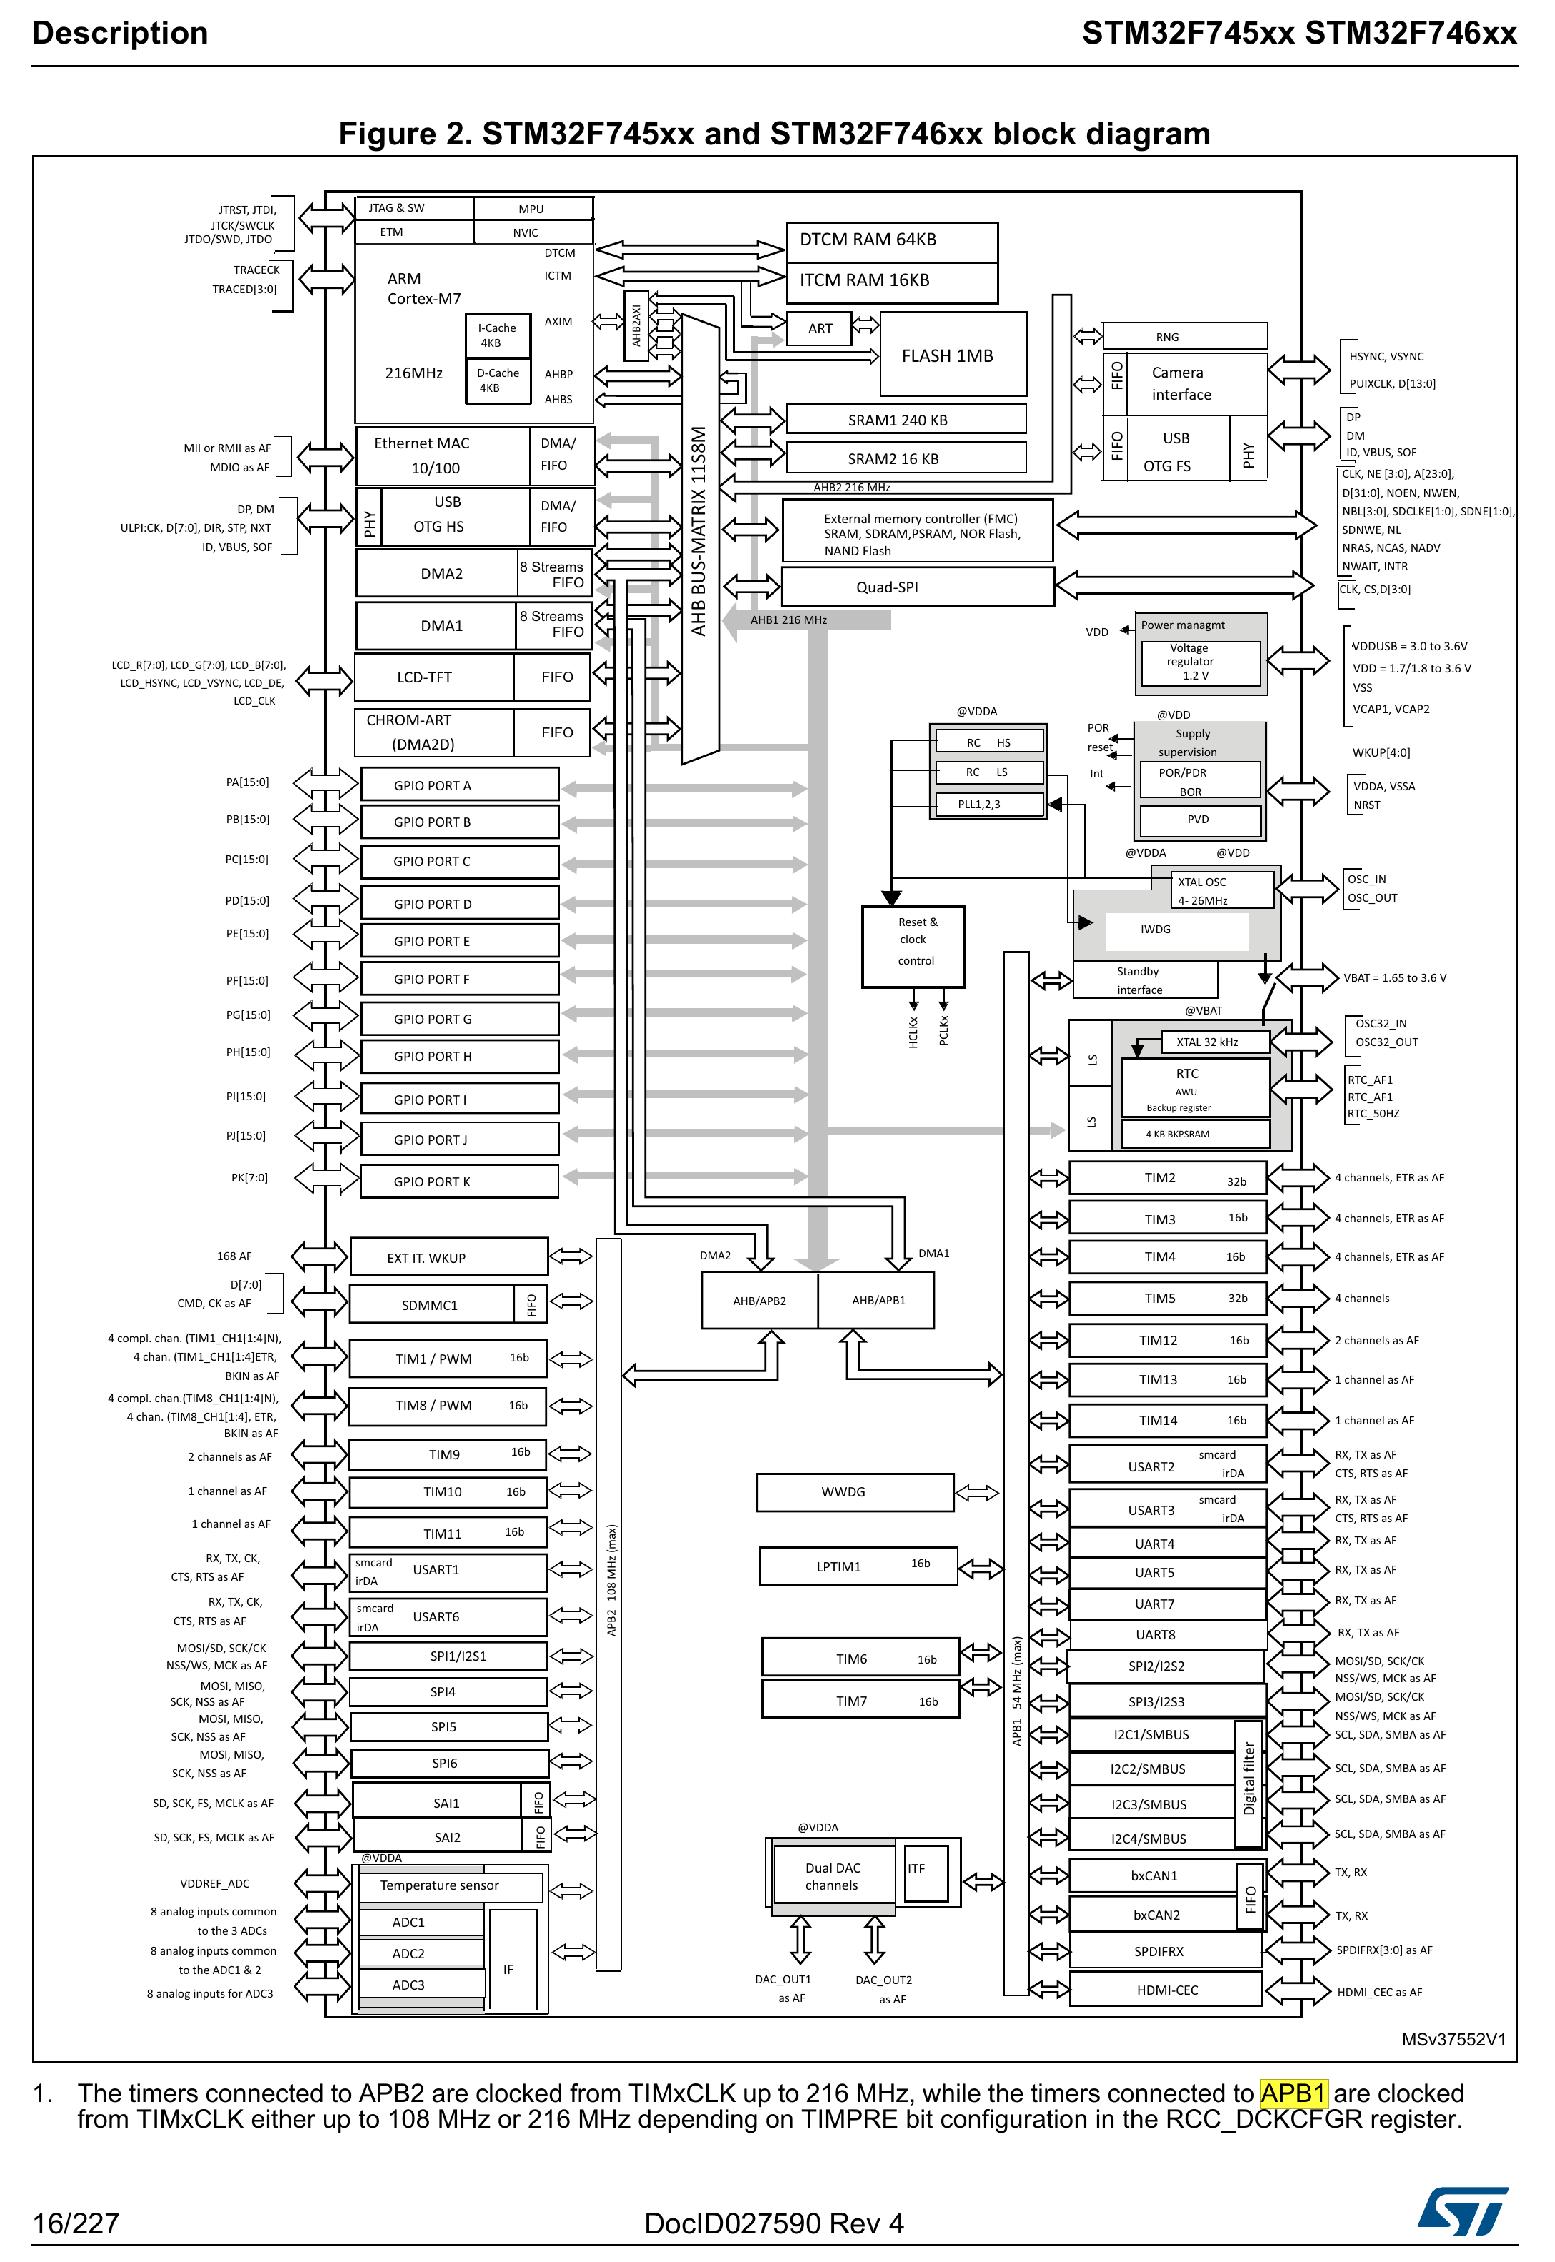 STM32 Block Diagram example